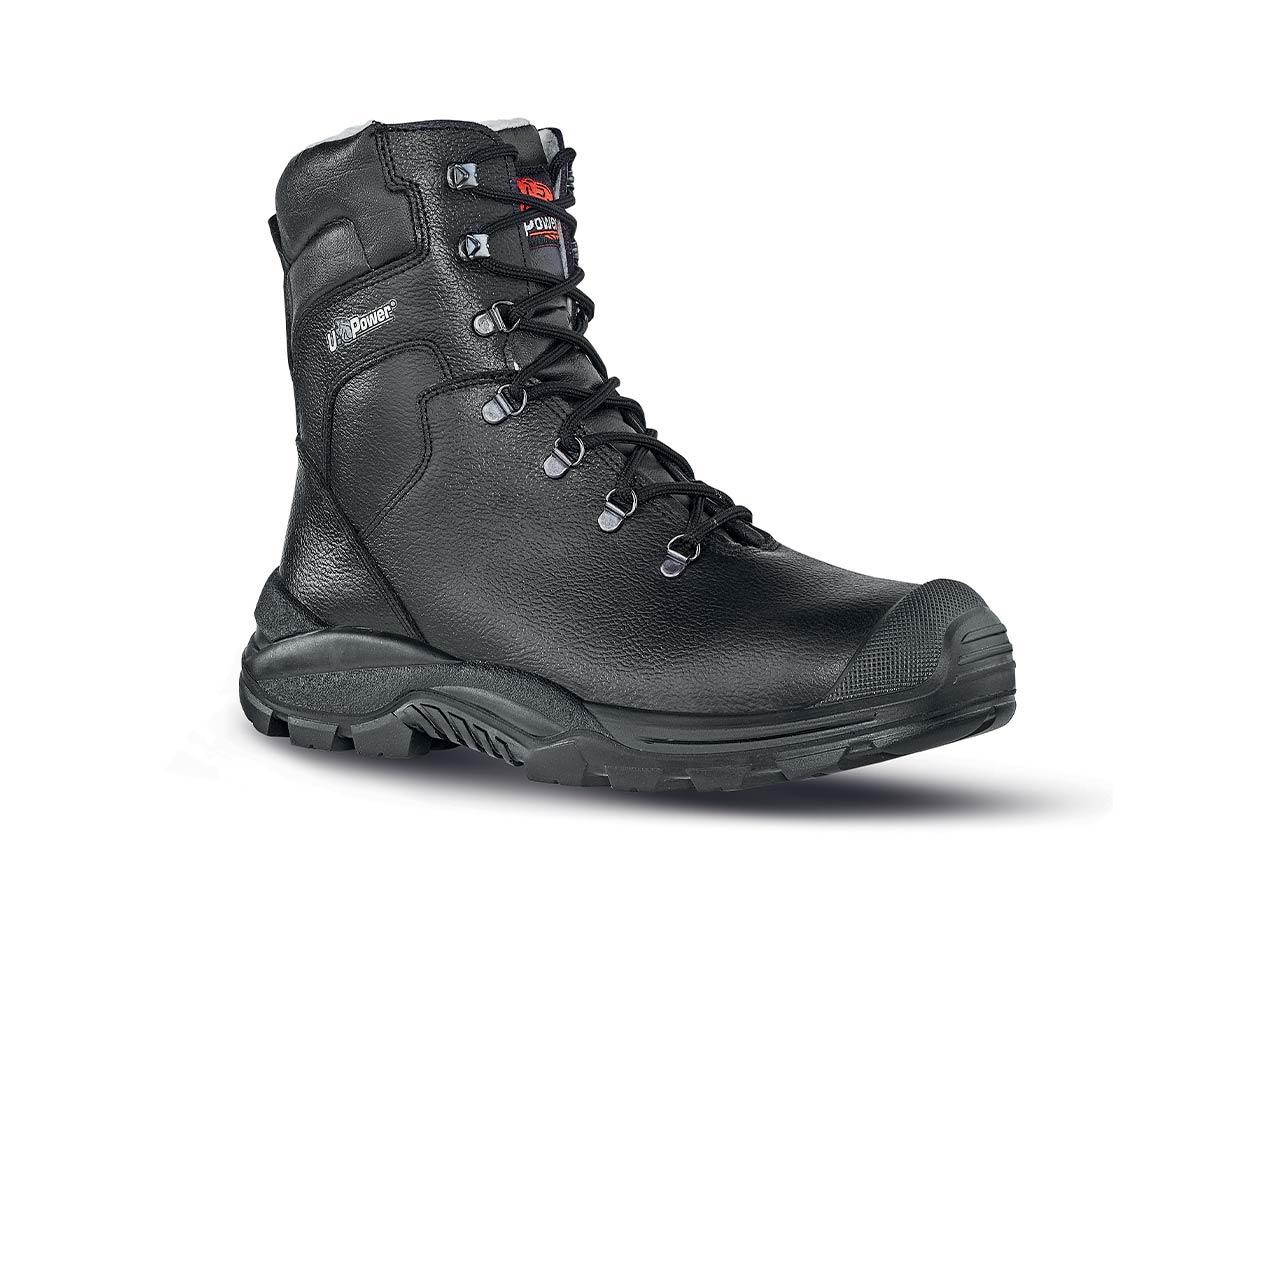 scarpa antinfortunistica upower modello klever linea stepone vista laterale